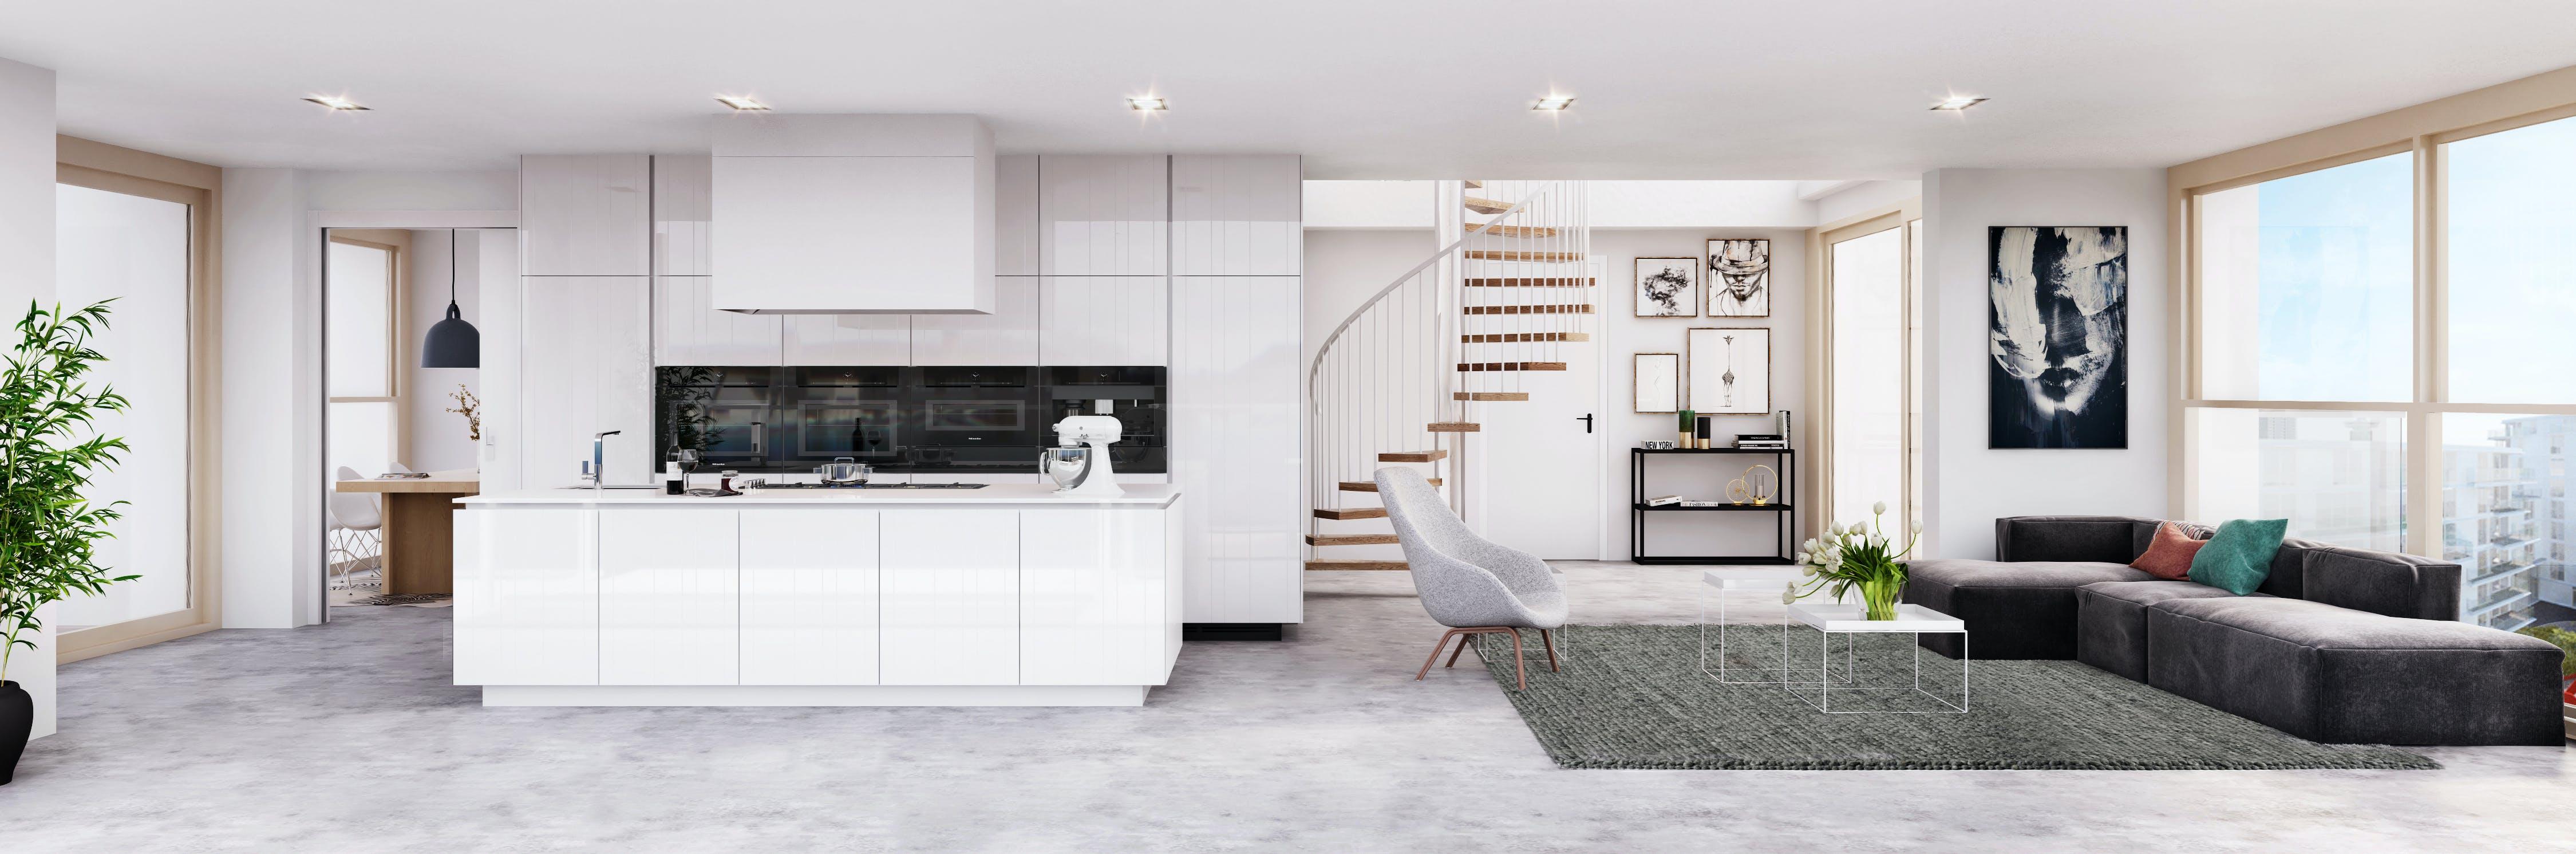 Kate Interieur Design Impressies.Wonen Aan Het Ij